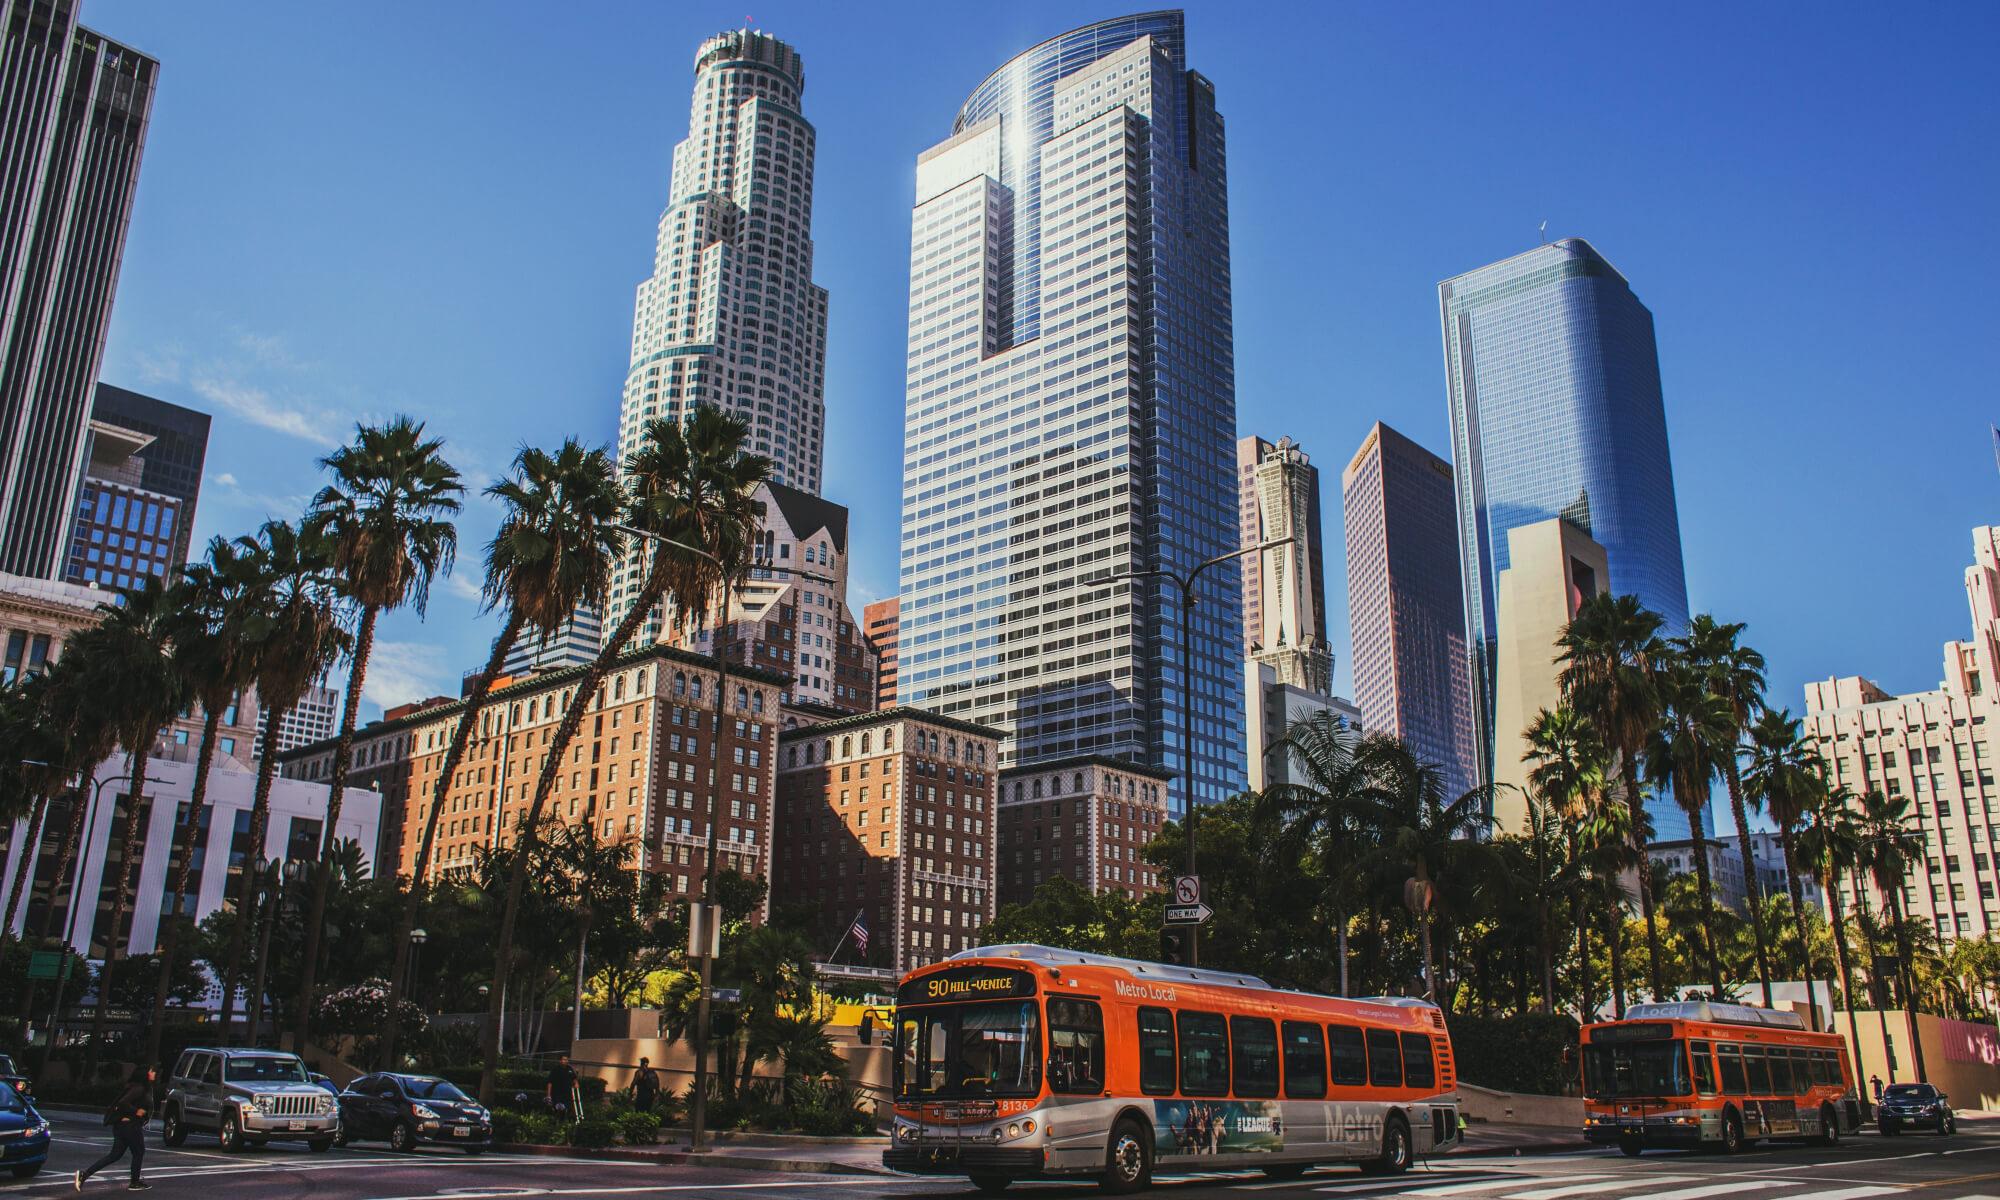 LA Metro bus in downtown LA